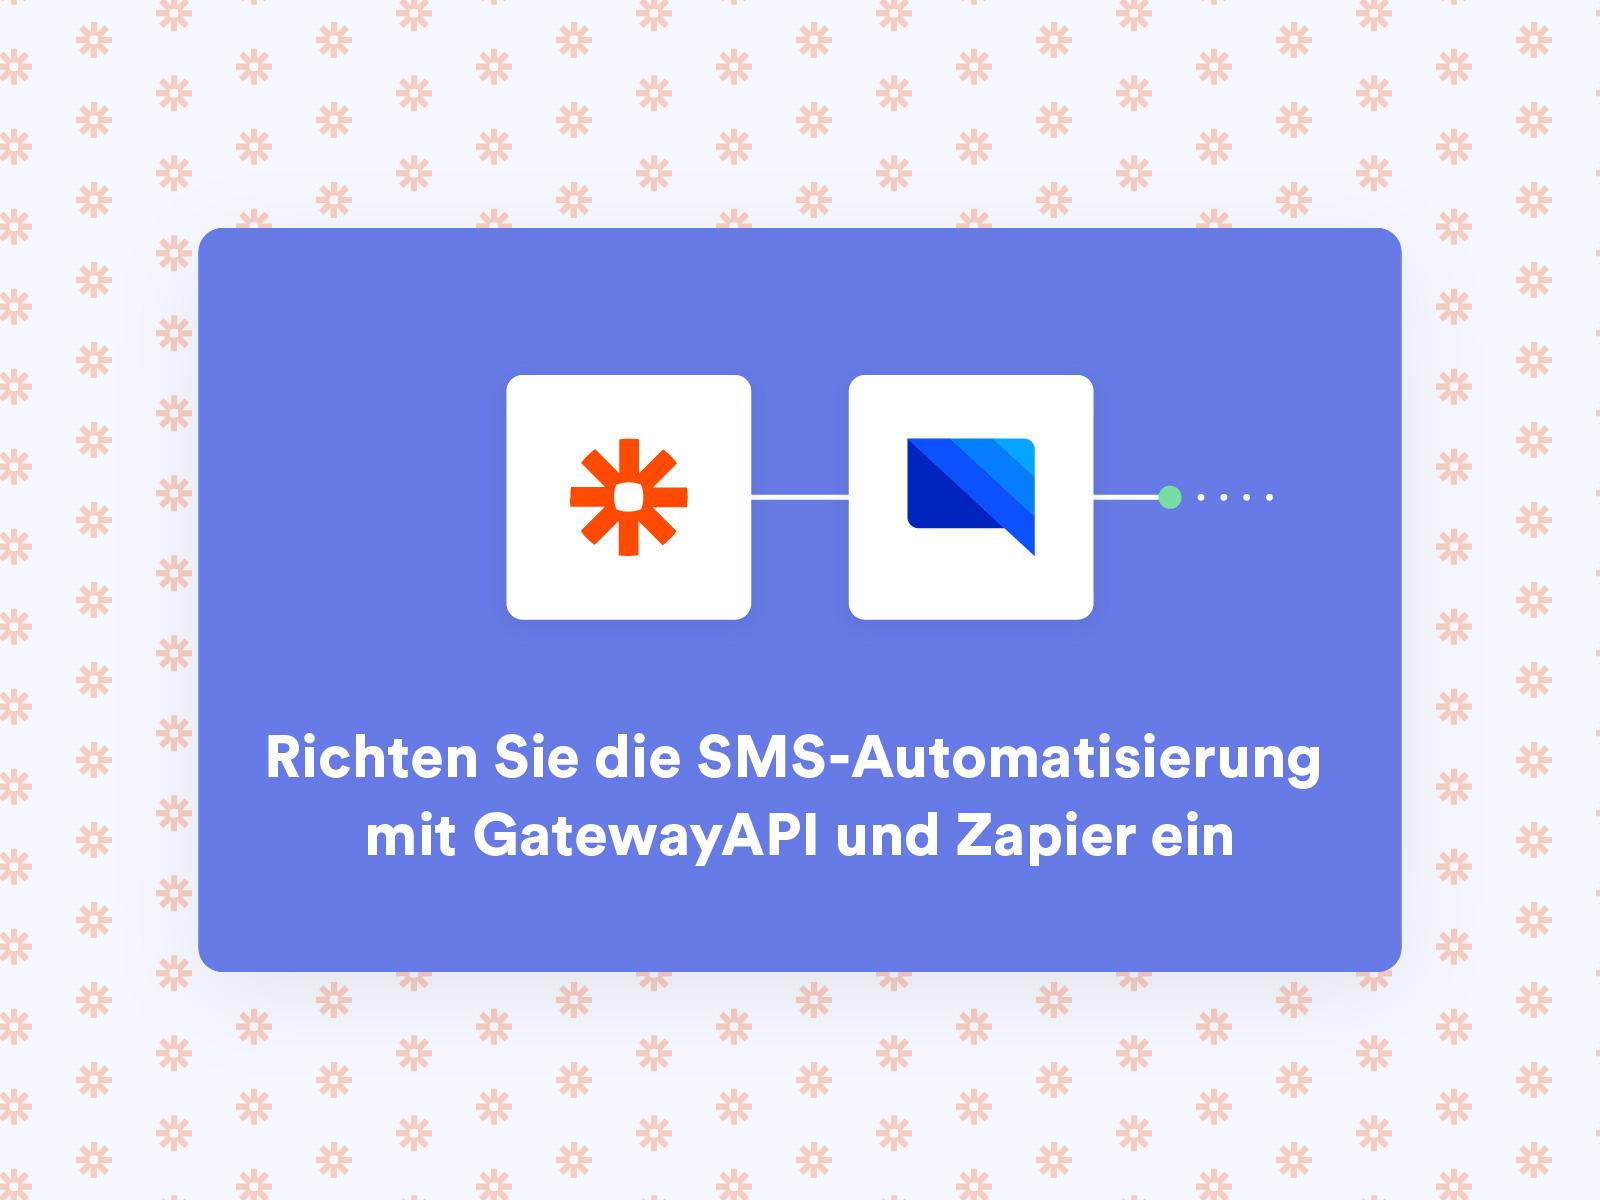 Richten Sie die SMS-Automatisierung mit GatewayAPI und Zapier ein